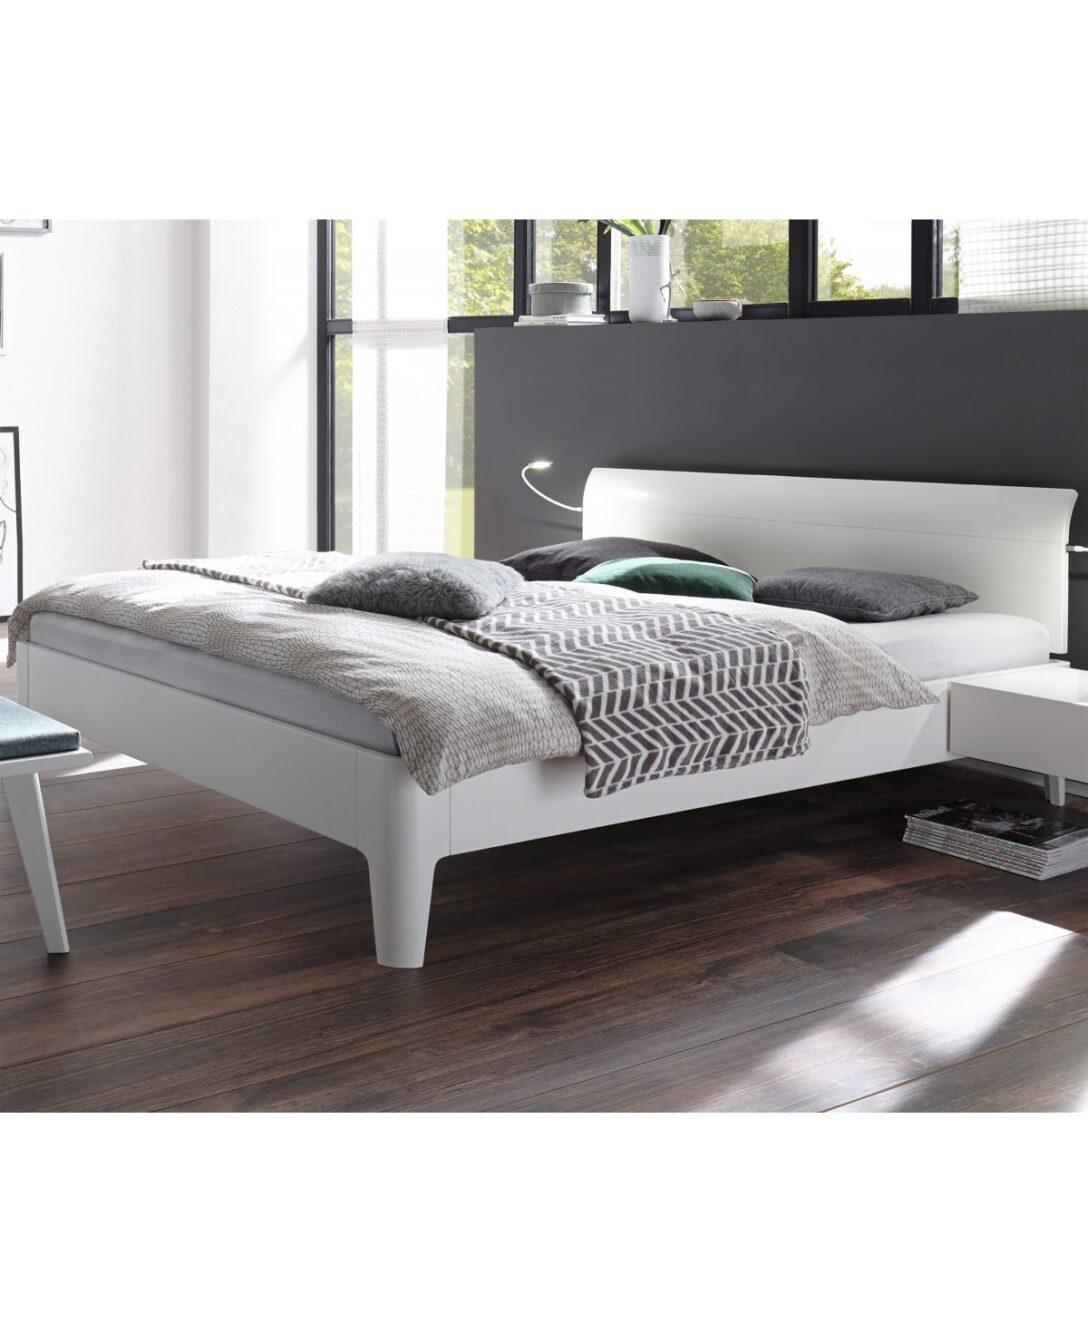 Large Size of Hasena Fine Line Bett Syma 18 Fe Xylo Buche Wei Deckend 120x200 Betten Mit Bettkasten Weiß Matratze Und Lattenrost Wohnzimmer Bettgestell 120x200